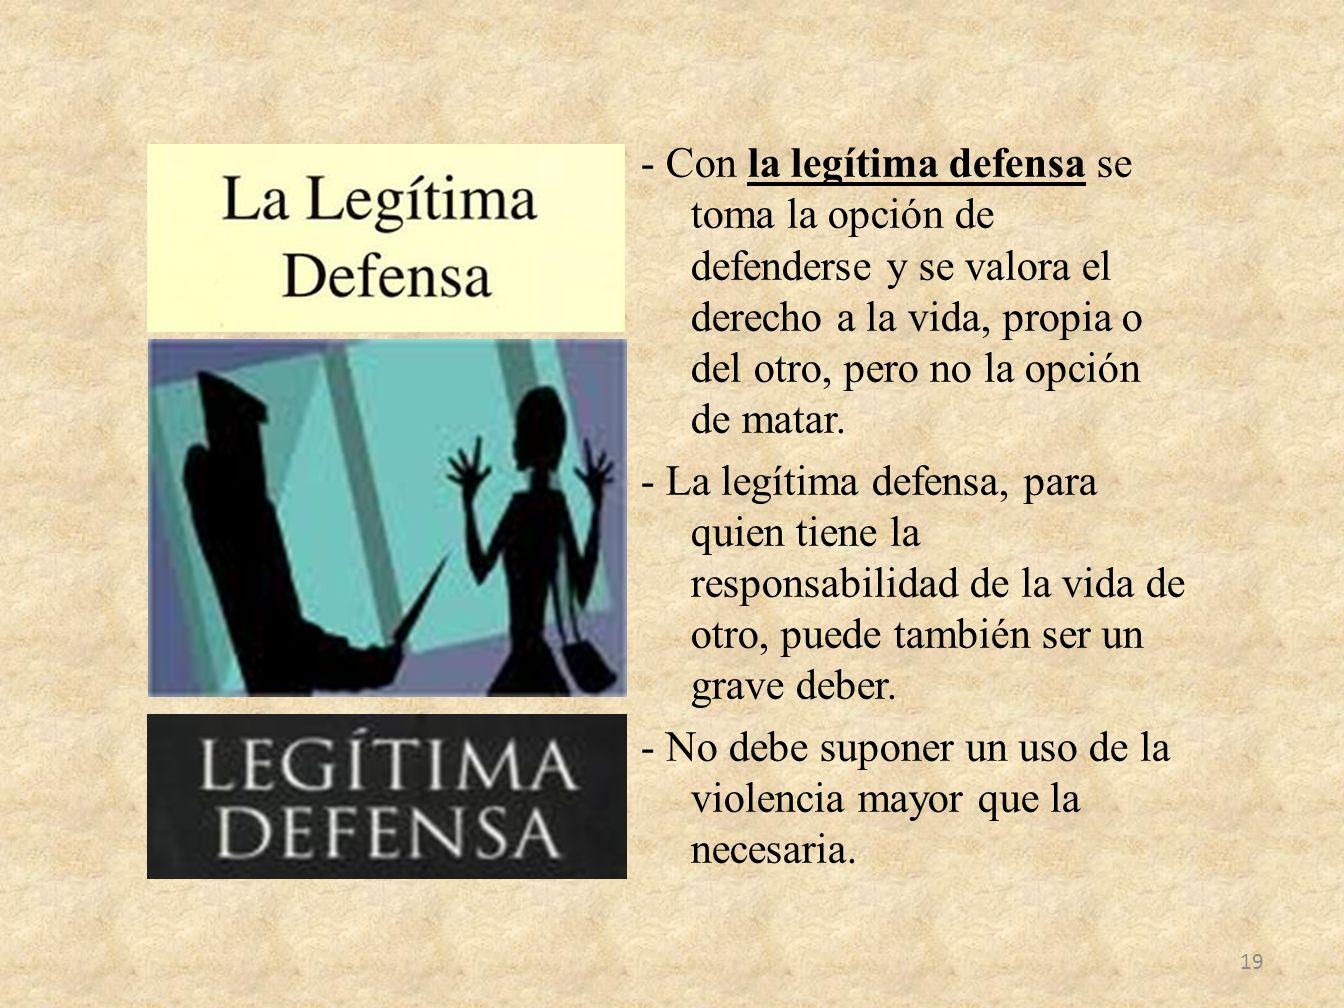 - Con la legítima defensa se toma la opción de defenderse y se valora el derecho a la vida, propia o del otro, pero no la opción de matar. - La legíti